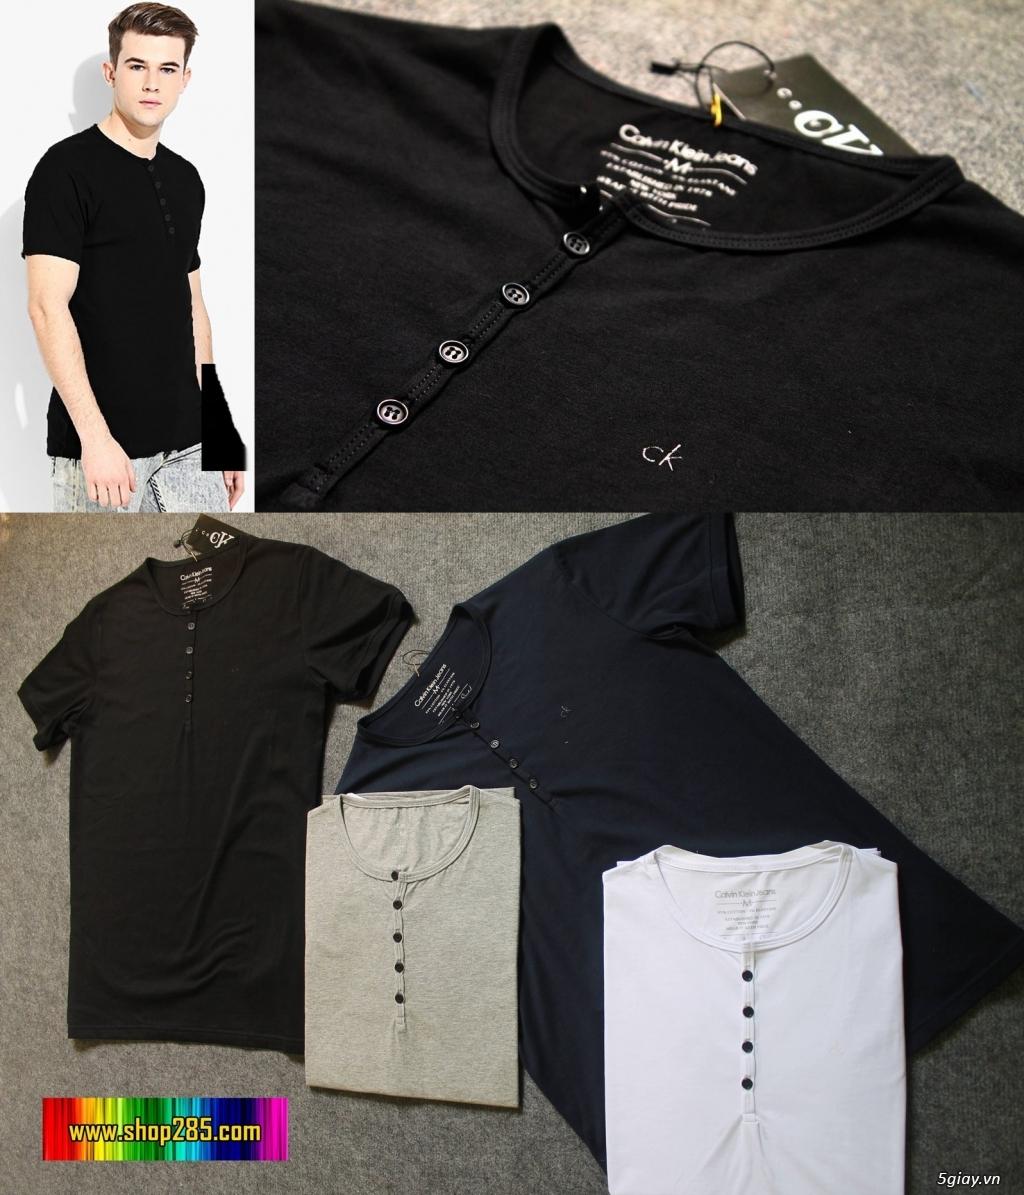 Shop285.com - Shop quần áo thời trang nam VNXK mẫu mới về liên tục ^^ - 43